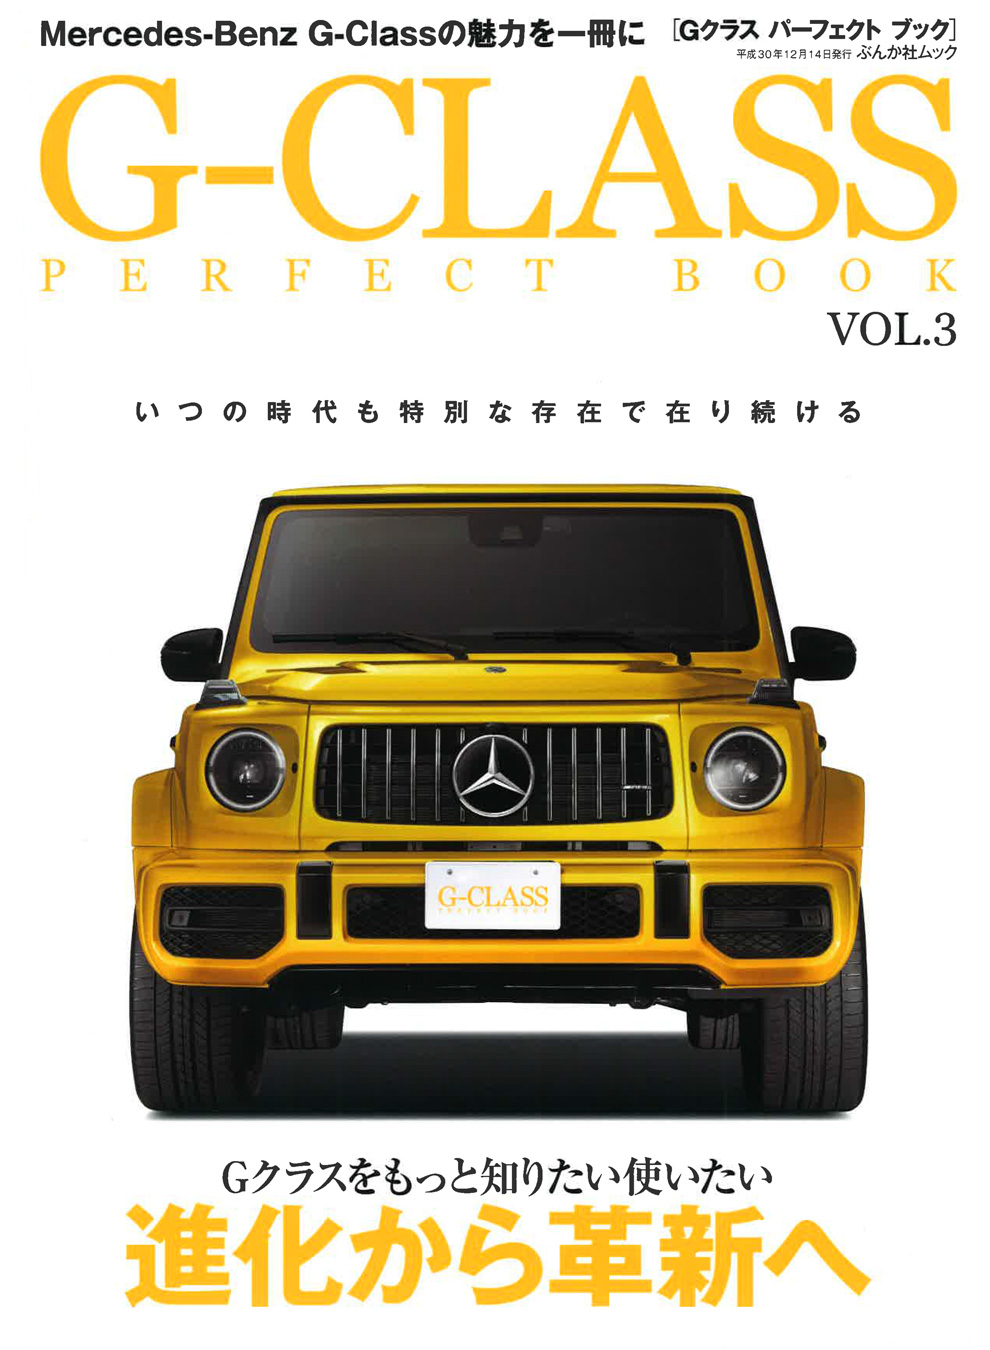 G-クラスパーフェクトブック VOL.3表紙